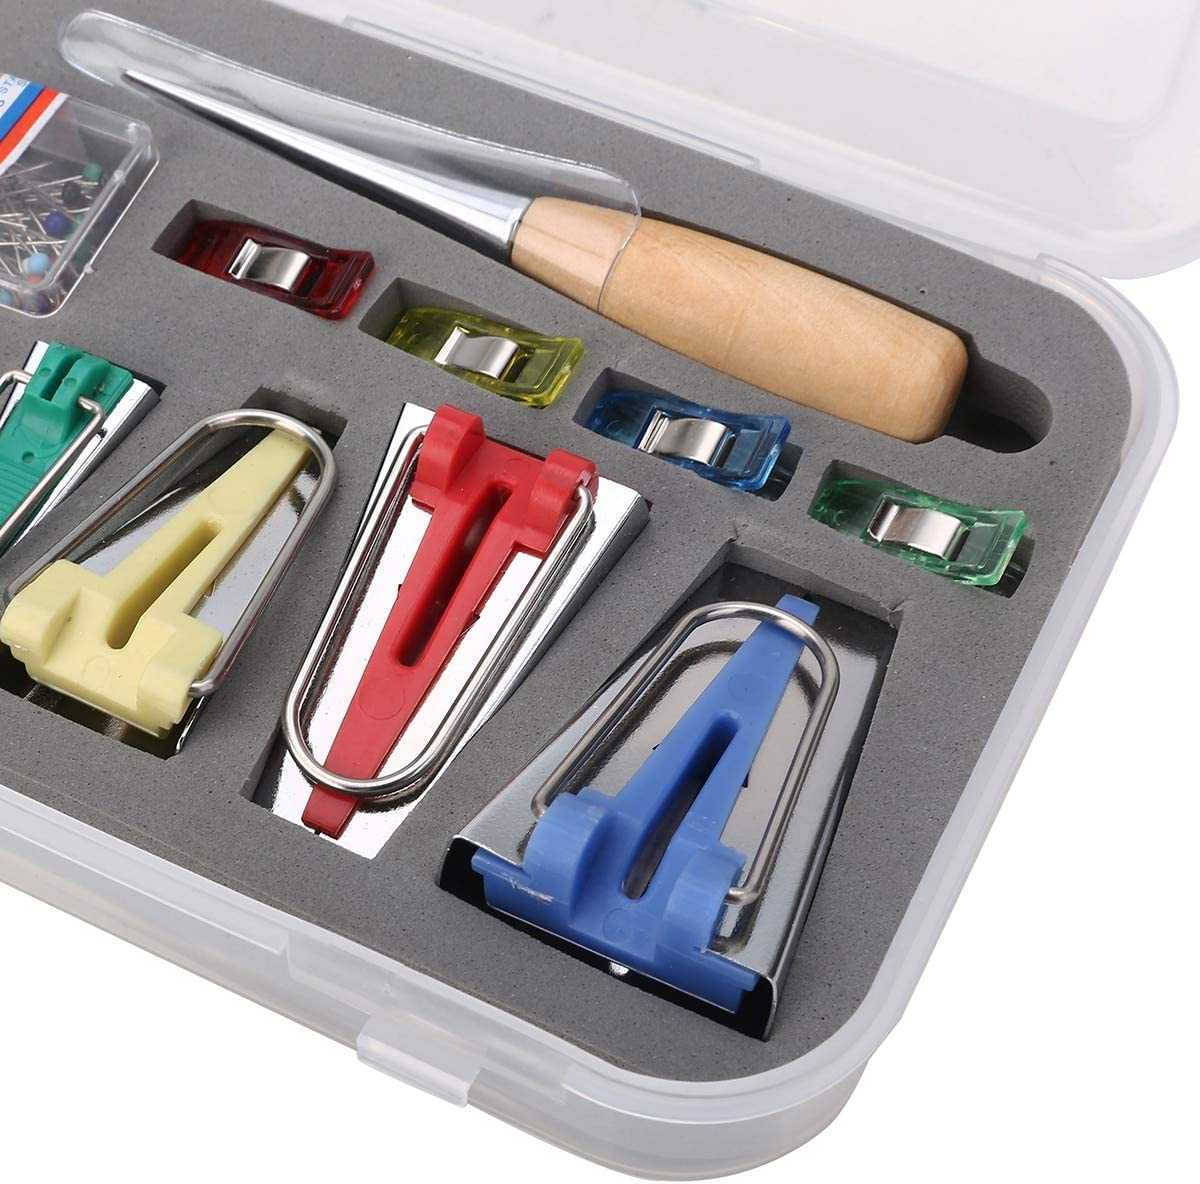 KLYJ 60 pz Tessuto Bias Binding Kit per creatore di Nastri Cartella per Piede Legno Punch Clips Pin Casa Fai da Te Set di Quilt per Cucire